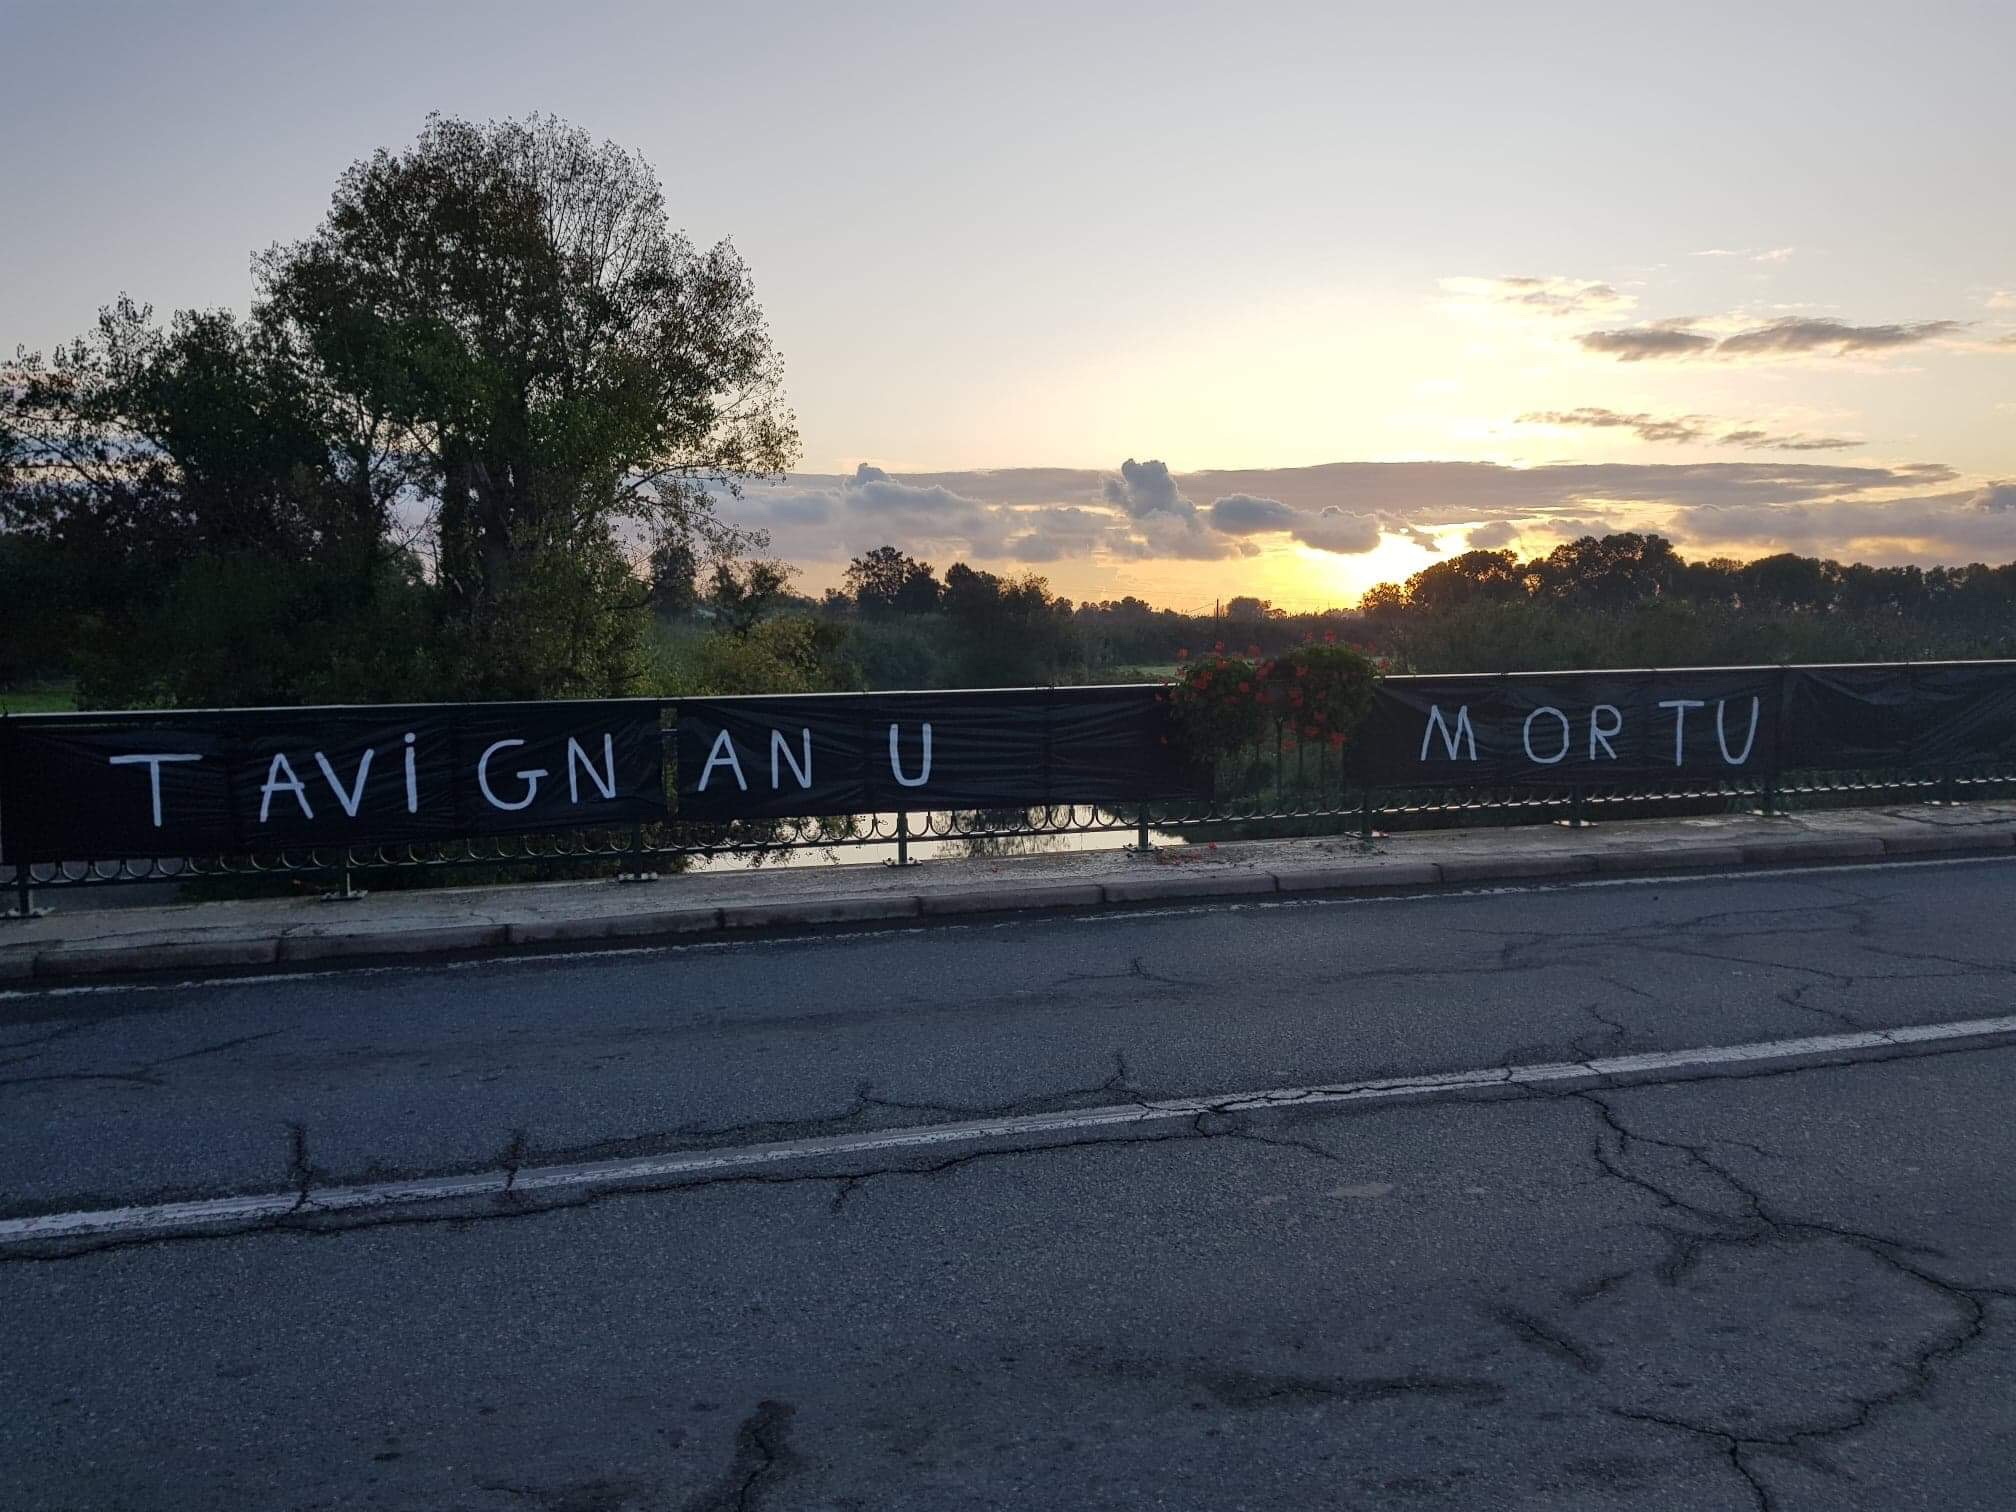 """""""Vous avez nos vies entre vos mains"""" : l'action symbolique du collectif Tavignanu Vivu pour réveiller les consciences"""